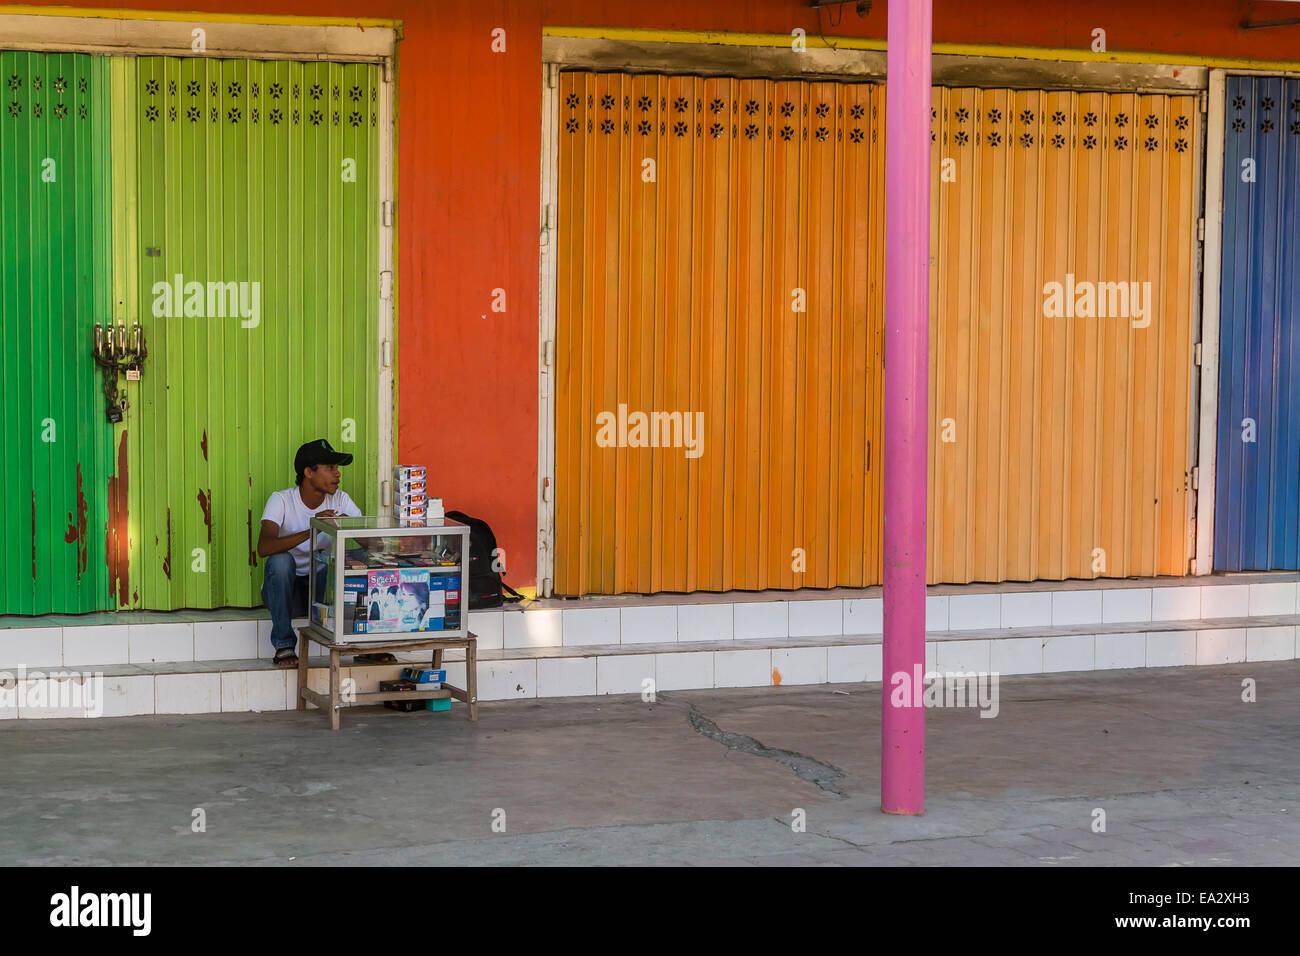 Mann, Verkauf von Elektronik aus kleinen Karren in der Hauptstadt Stadt Dili, Osttimor, Südostasien, Asien Stockfoto